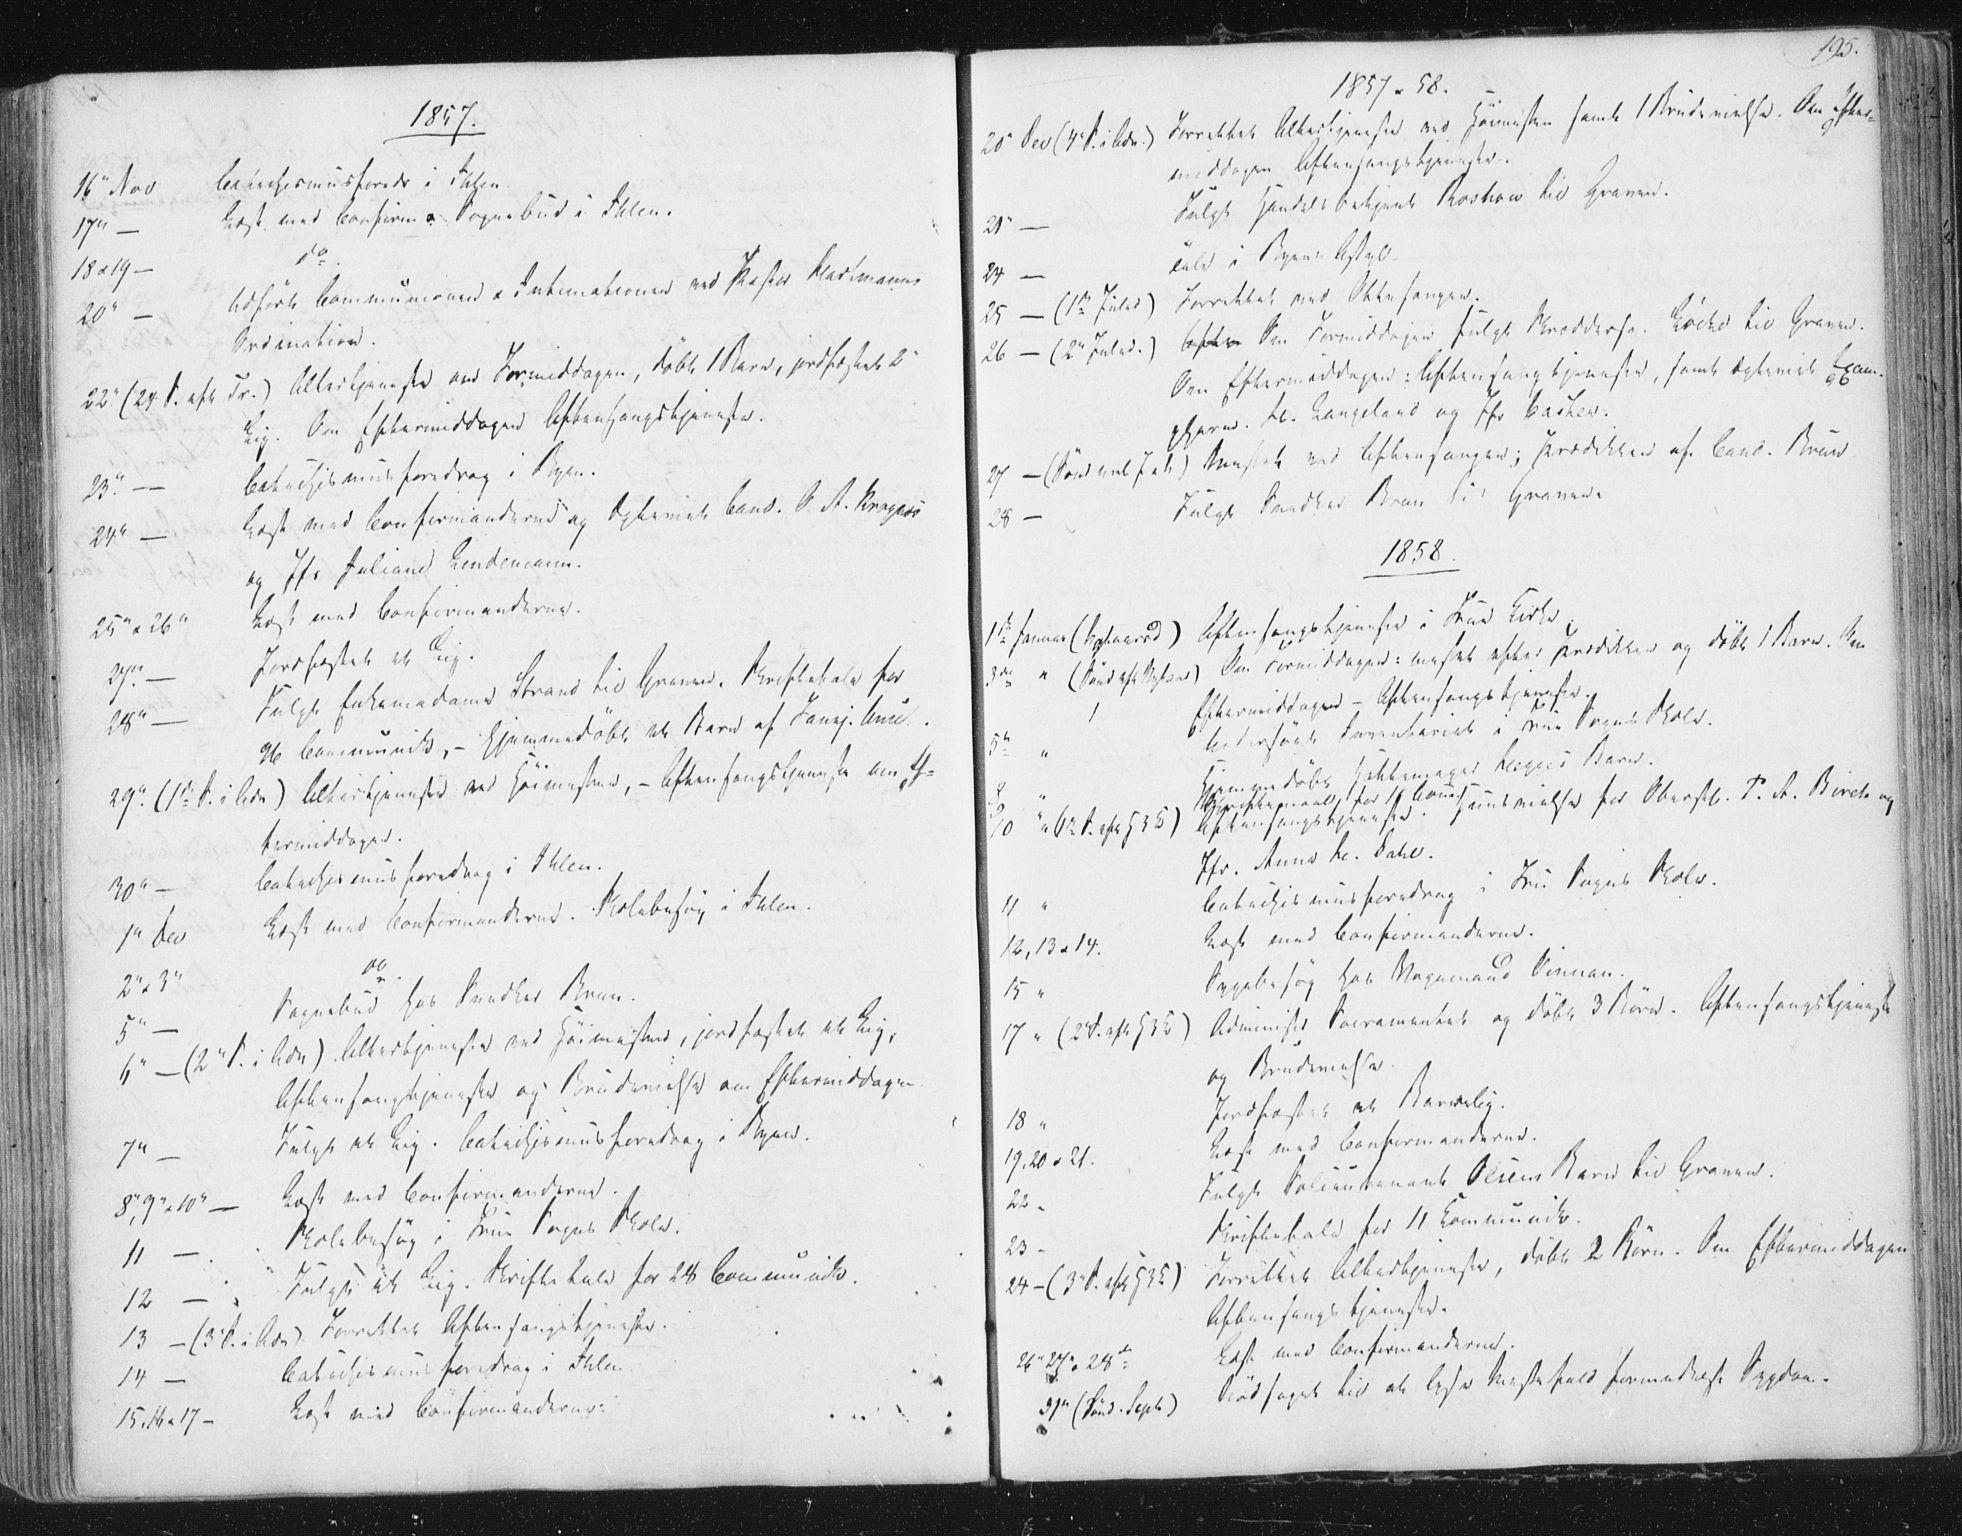 SAT, Ministerialprotokoller, klokkerbøker og fødselsregistre - Sør-Trøndelag, 602/L0127: Residerende kapellans bok nr. 602B01, 1821-1875, s. 195